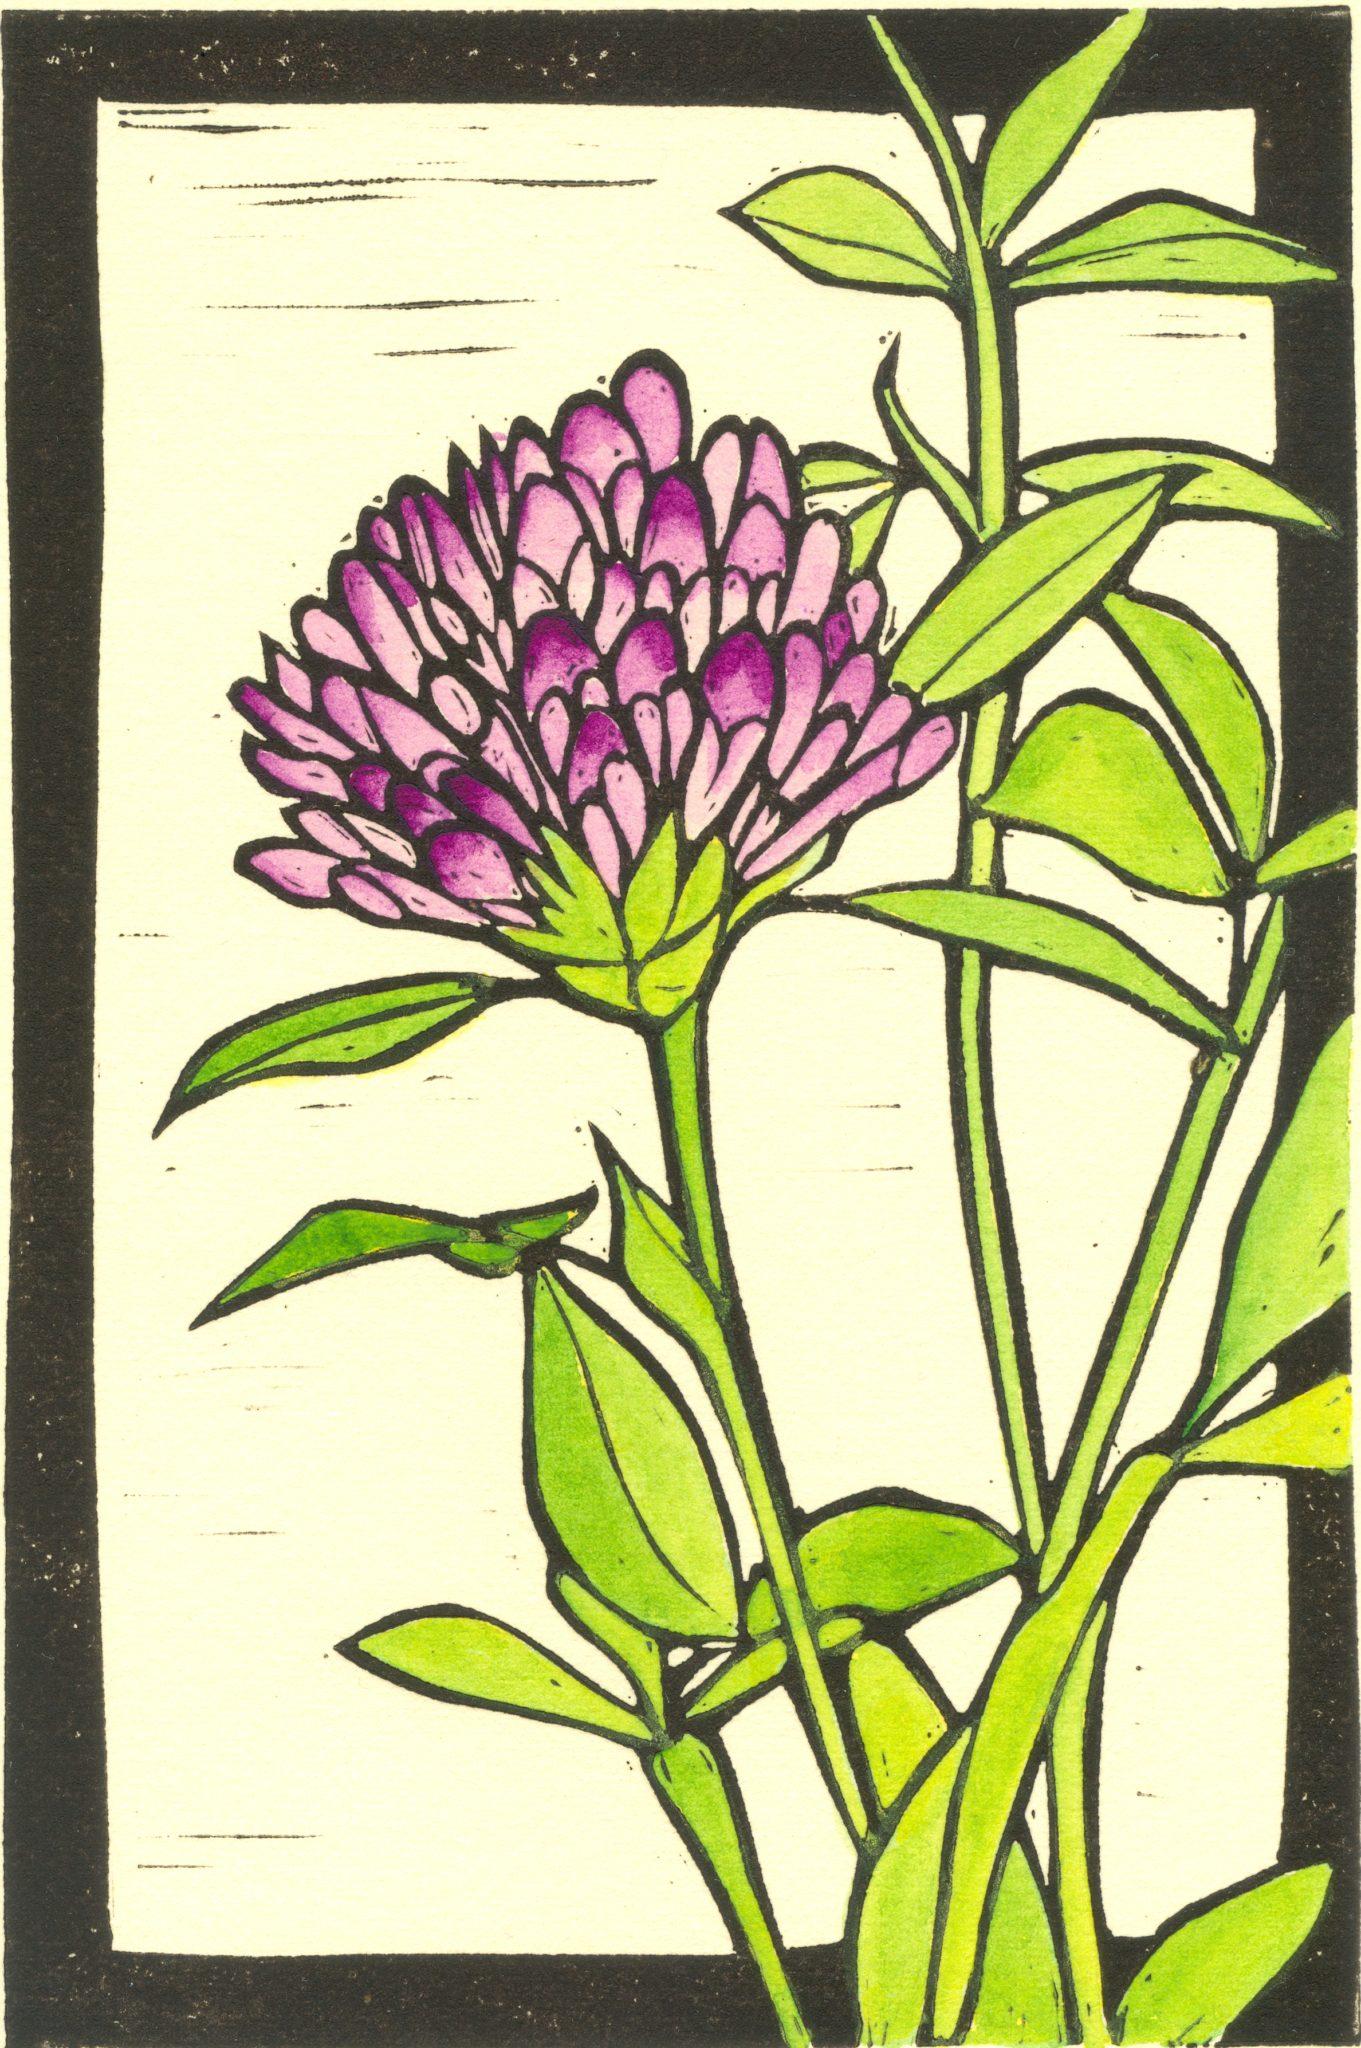 Vermont clover